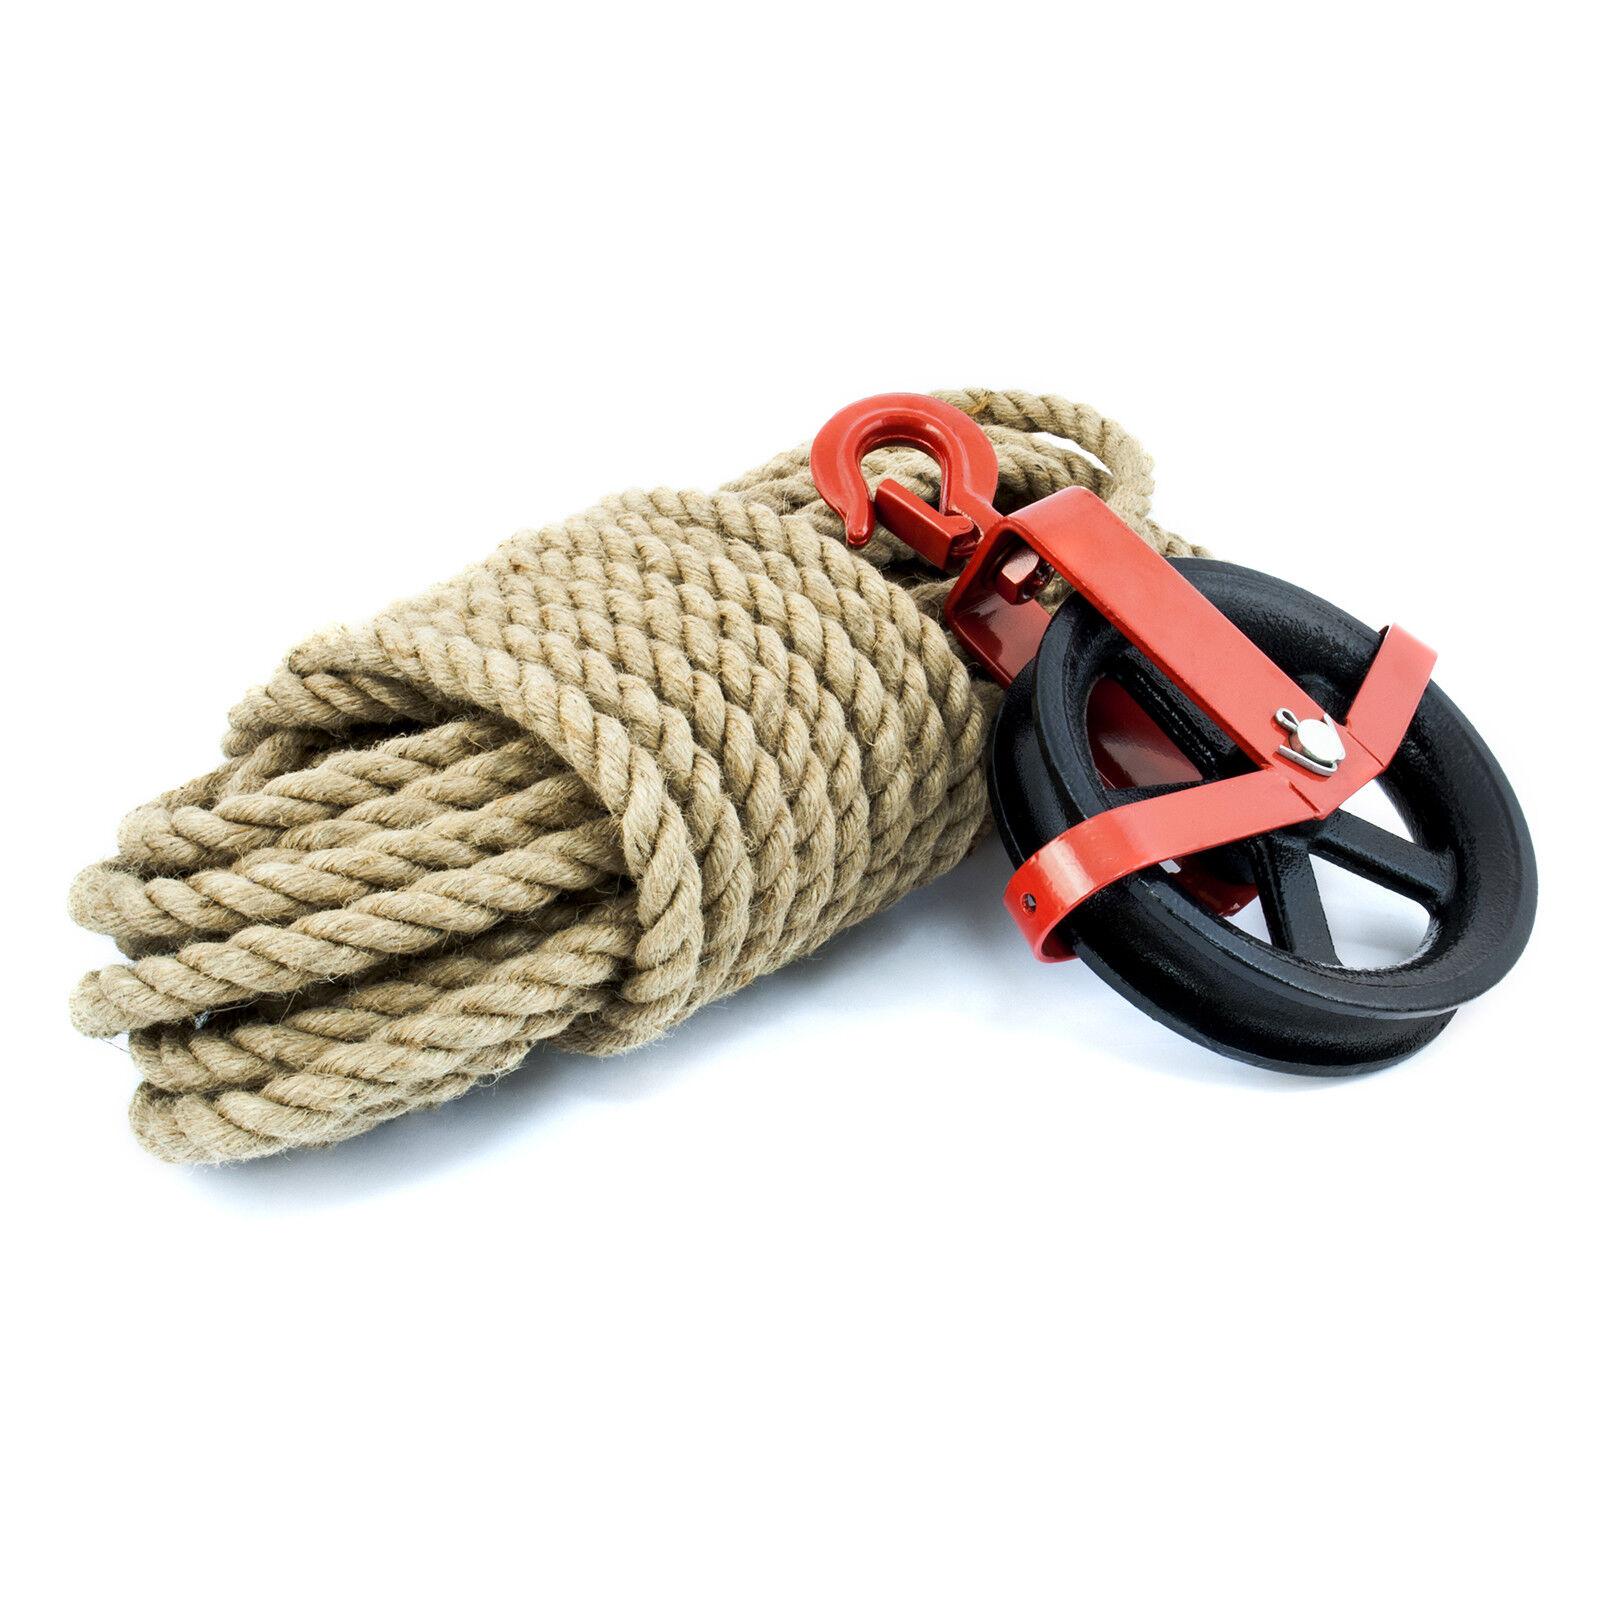 JUTESEIL SET Seil + 6-20mm + Seil Umlenkrolle 125-180mm mit Haken Jute Seilwinde Rolle 4de2a8